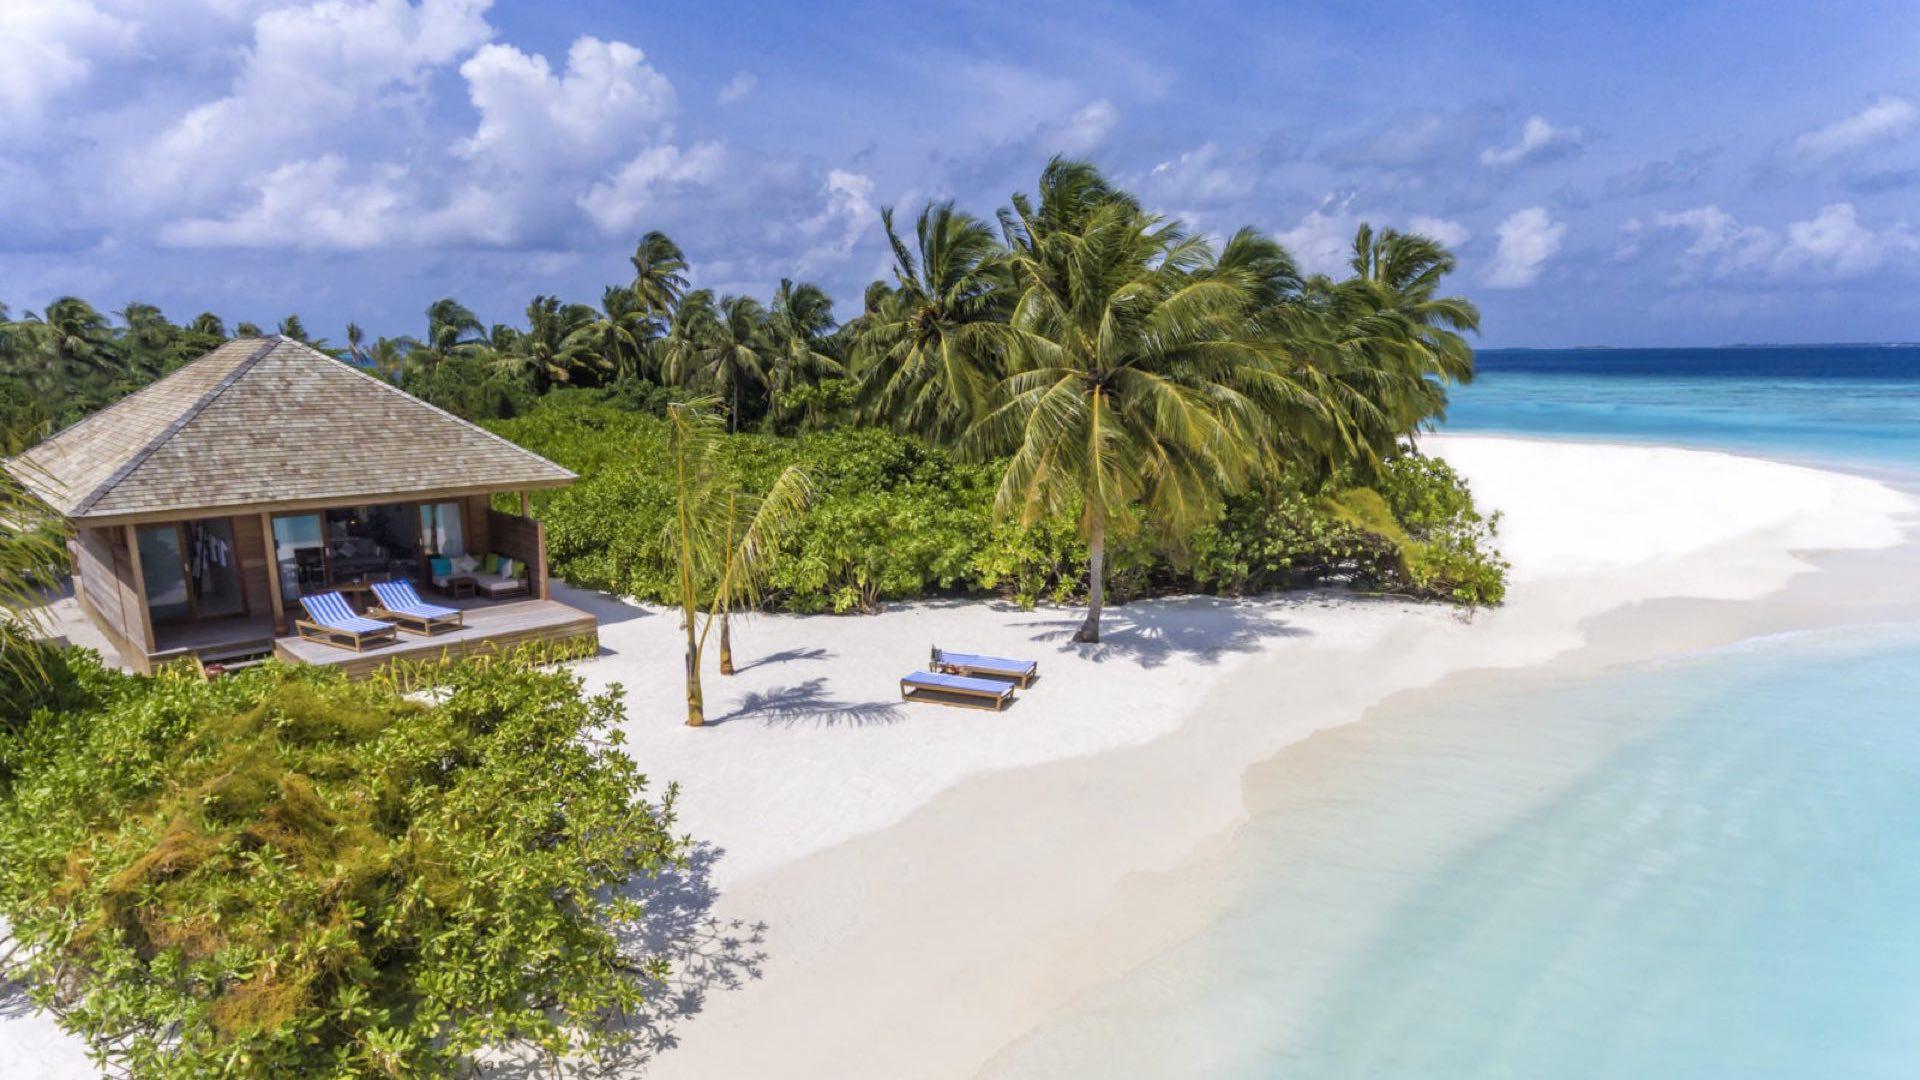 Hurawalhi Island Resort 5* - Foto degli esterni della camera con vista sulla spiaggia e sul mare